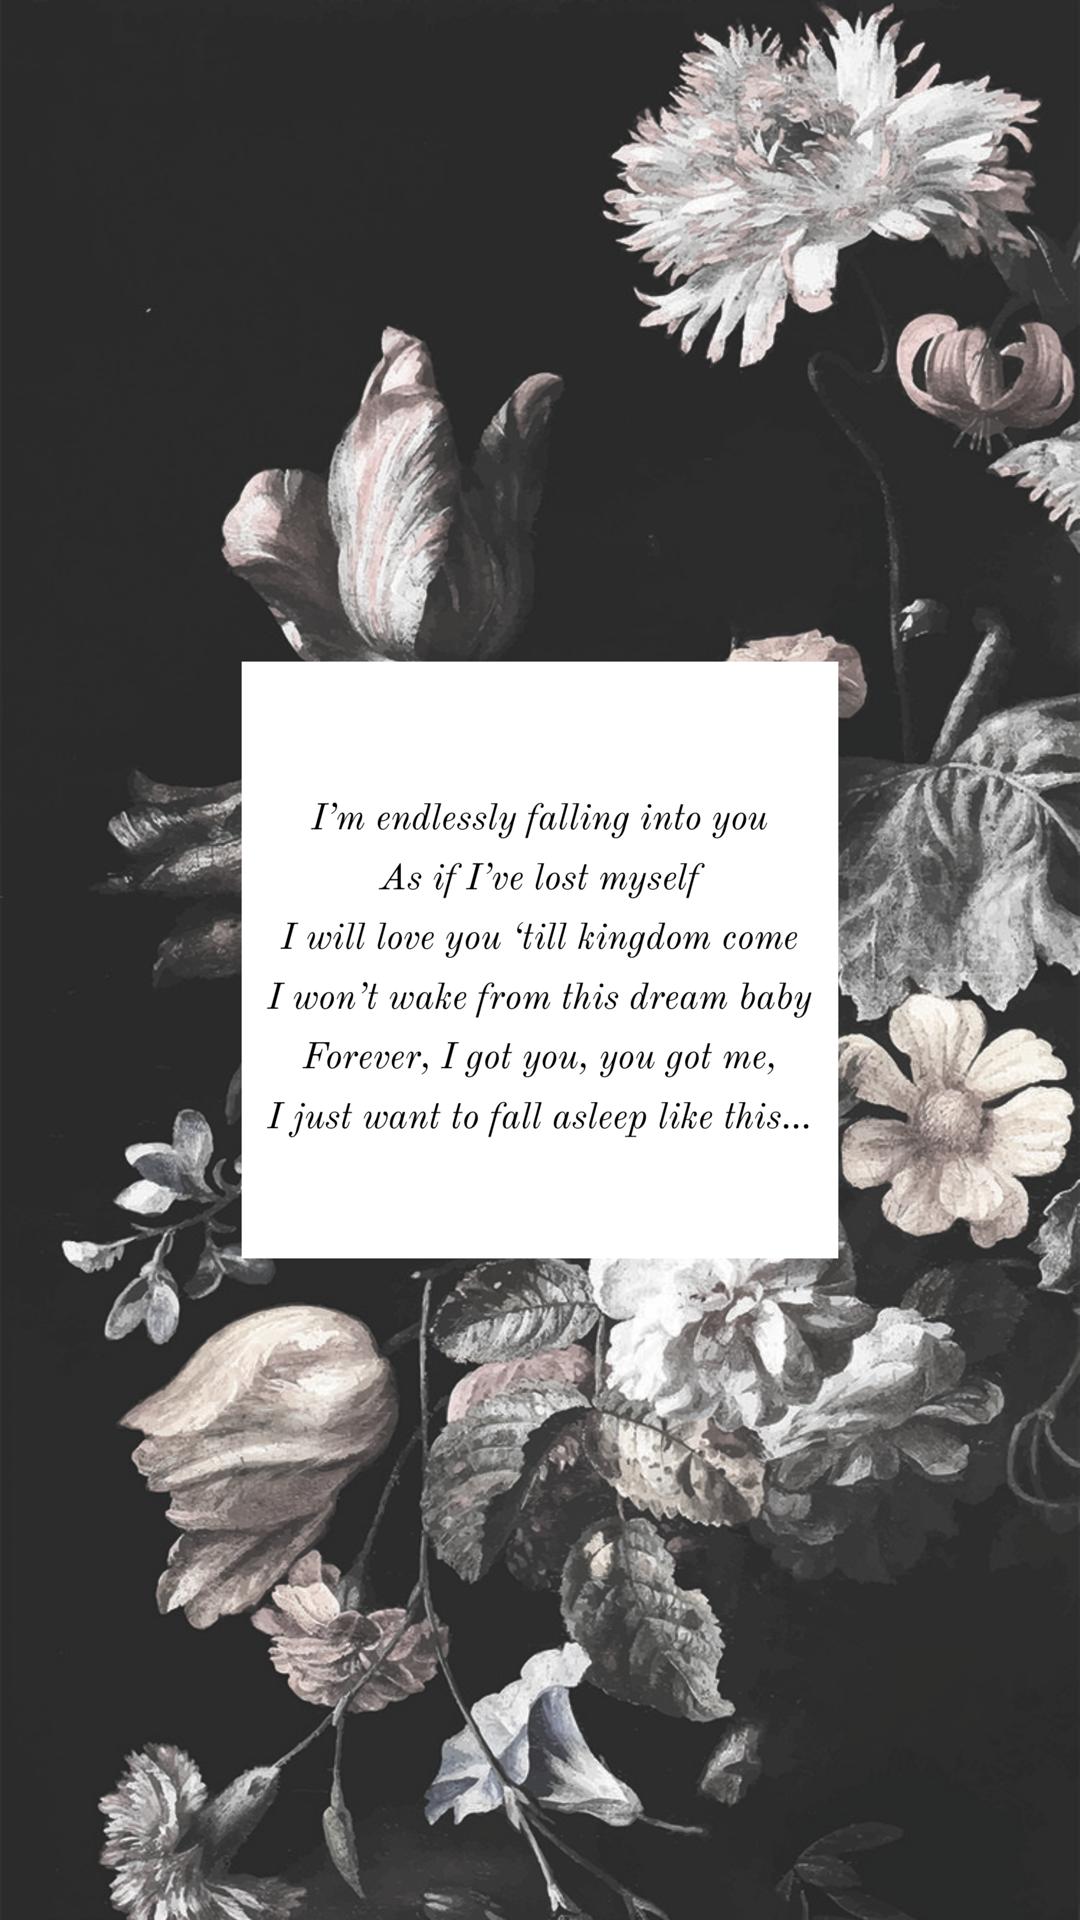 Red Velvet Kingdom Come wallpaper lyrics floral redvelvet